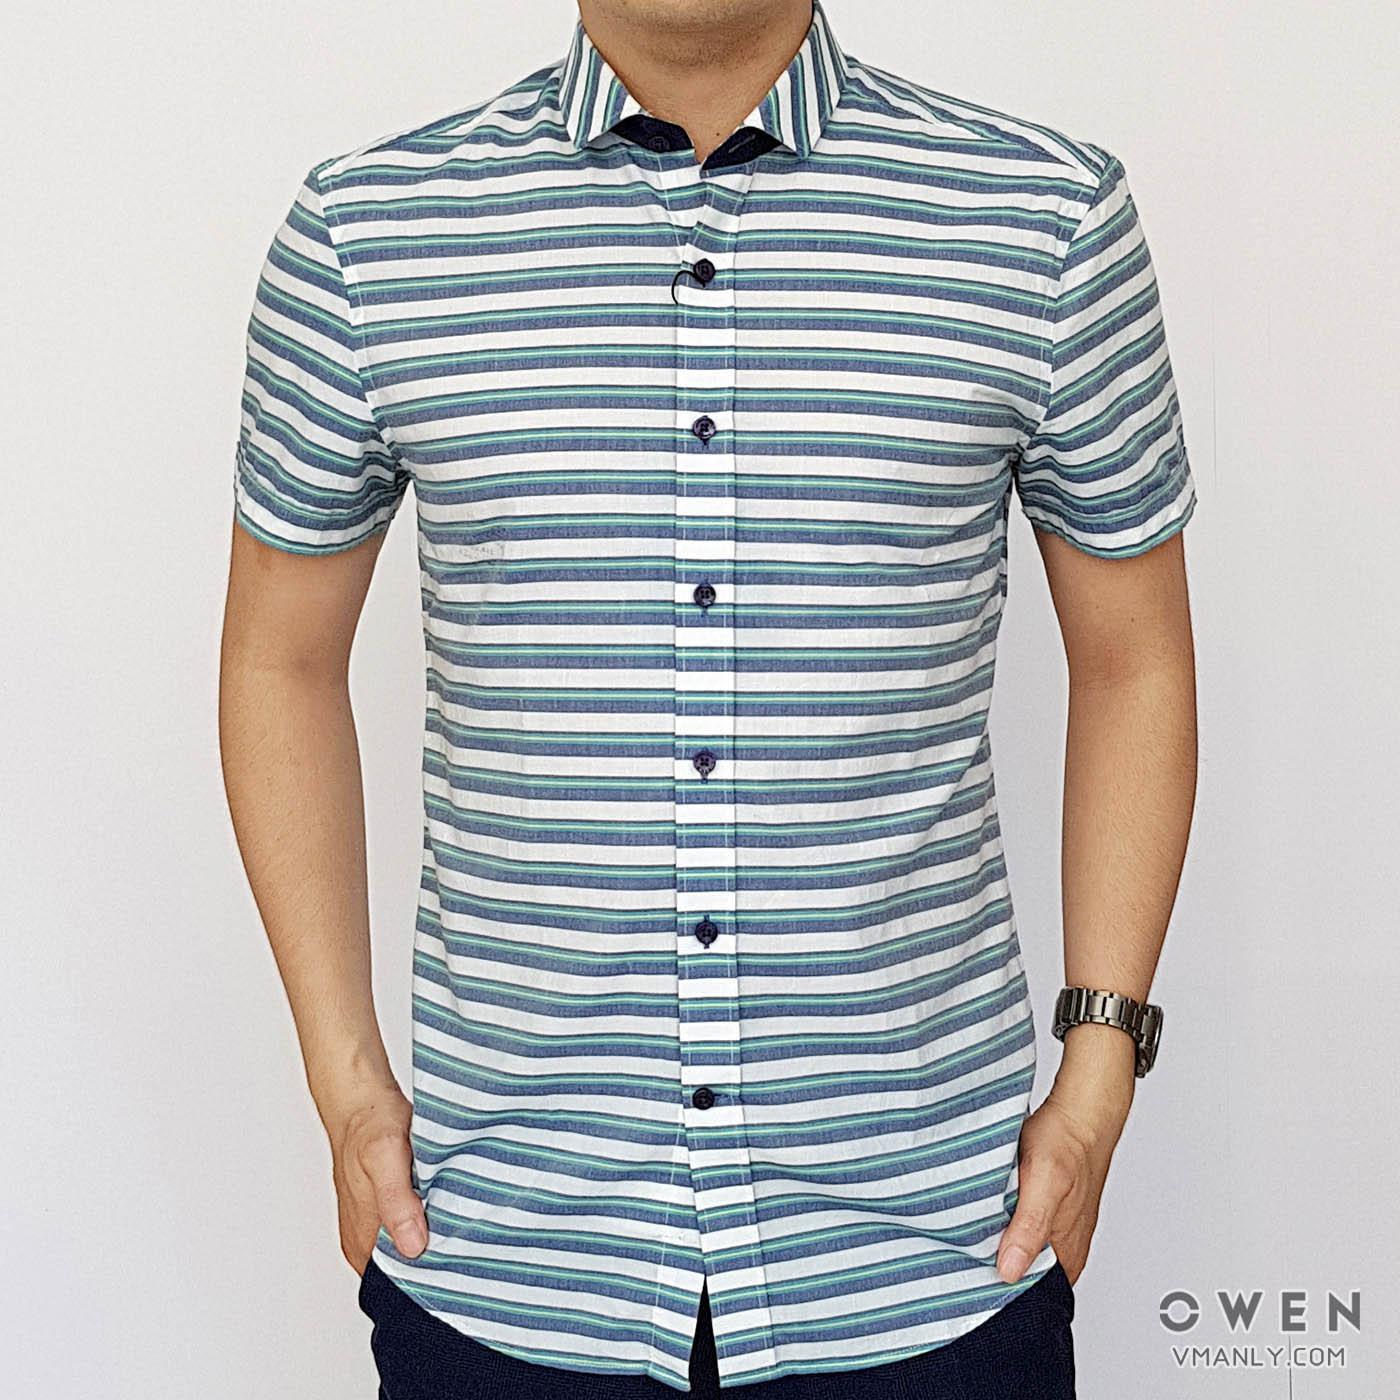 Áo sơ mi nam ngắn tay Owen màu trắng sọc xanh AR80059N